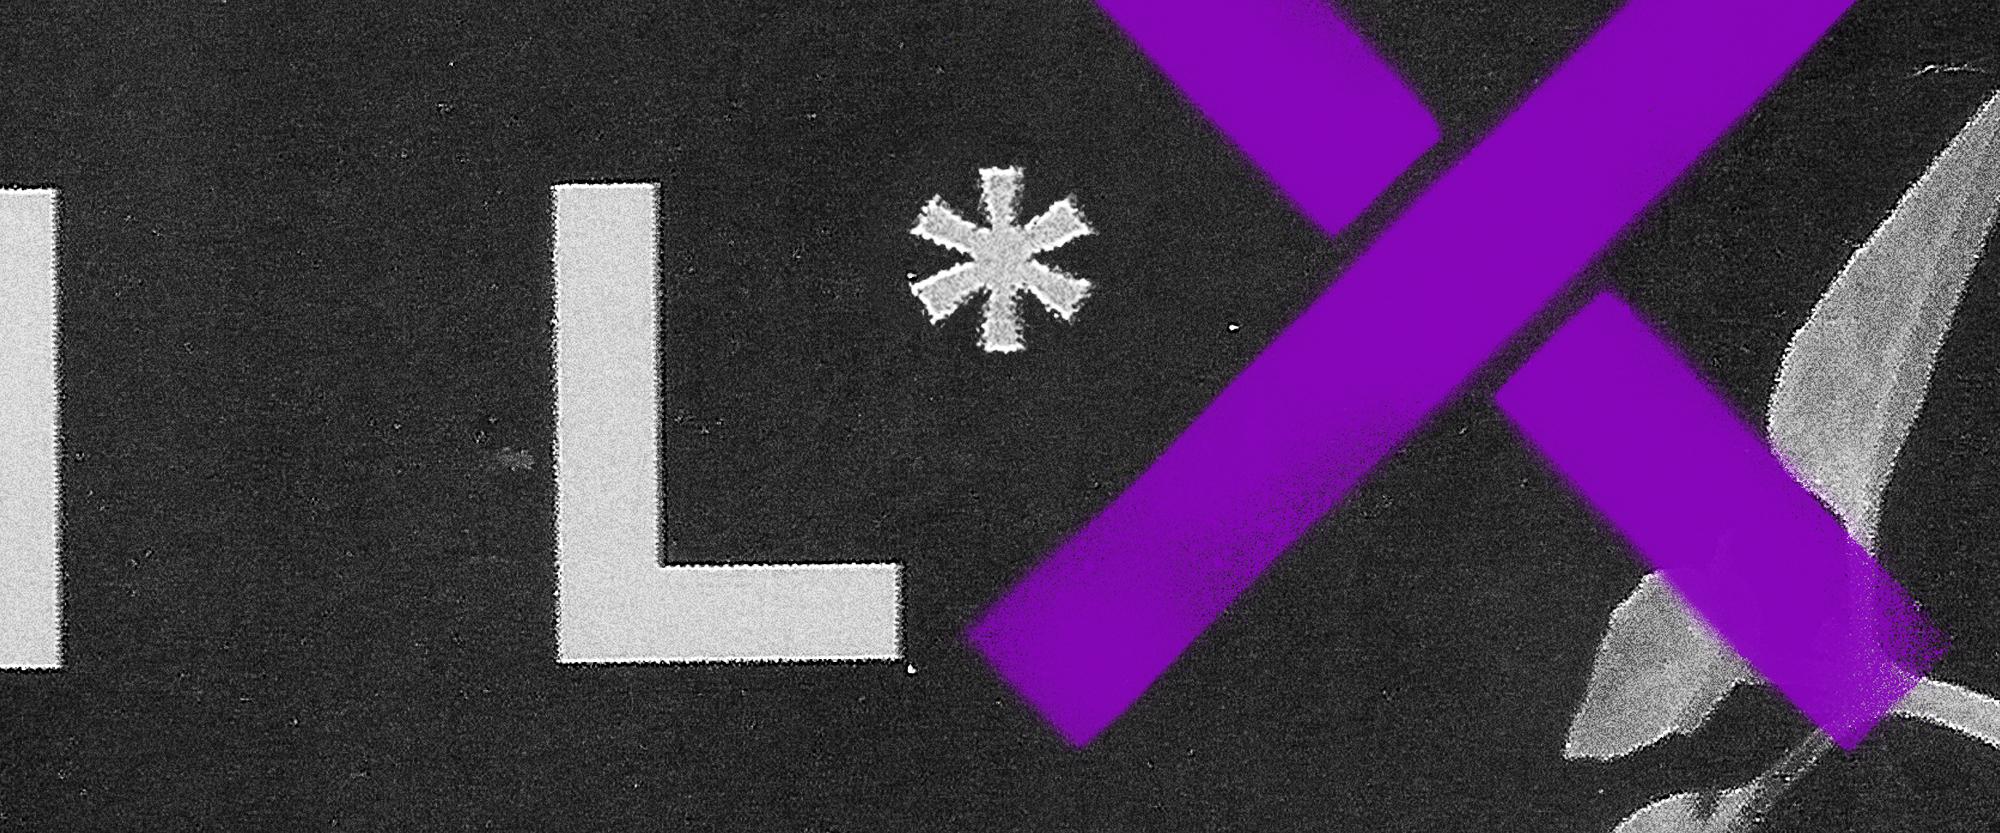 Fundo preto com sinais gráficos cinzas e roxos - como um asterisco e um x roxos